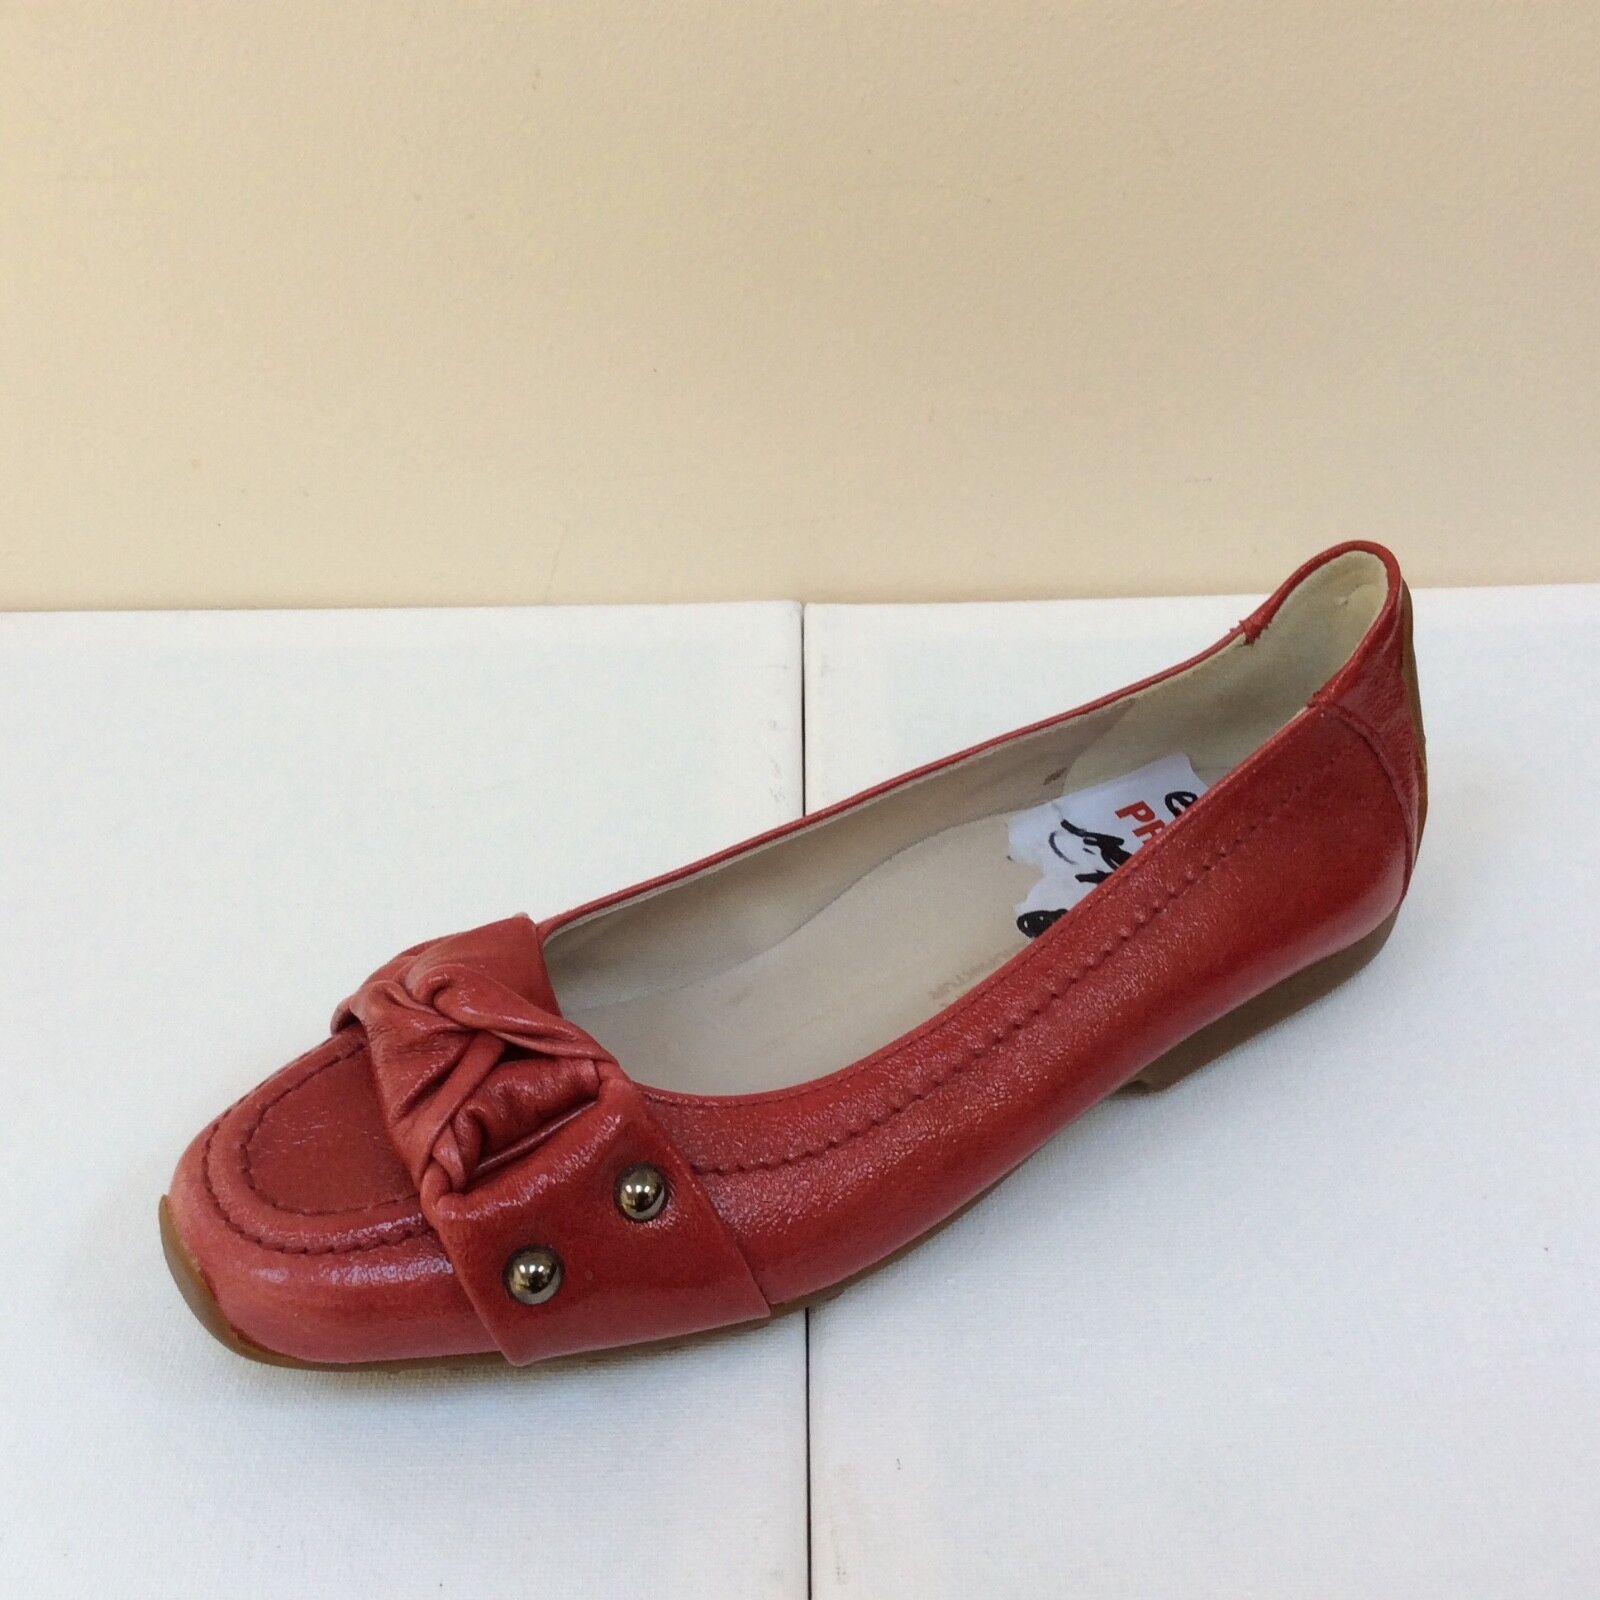 K&s SUSA rouge Verni Plat Avec Vernis Noeud Détail, UK 3 eu 36, BNWB